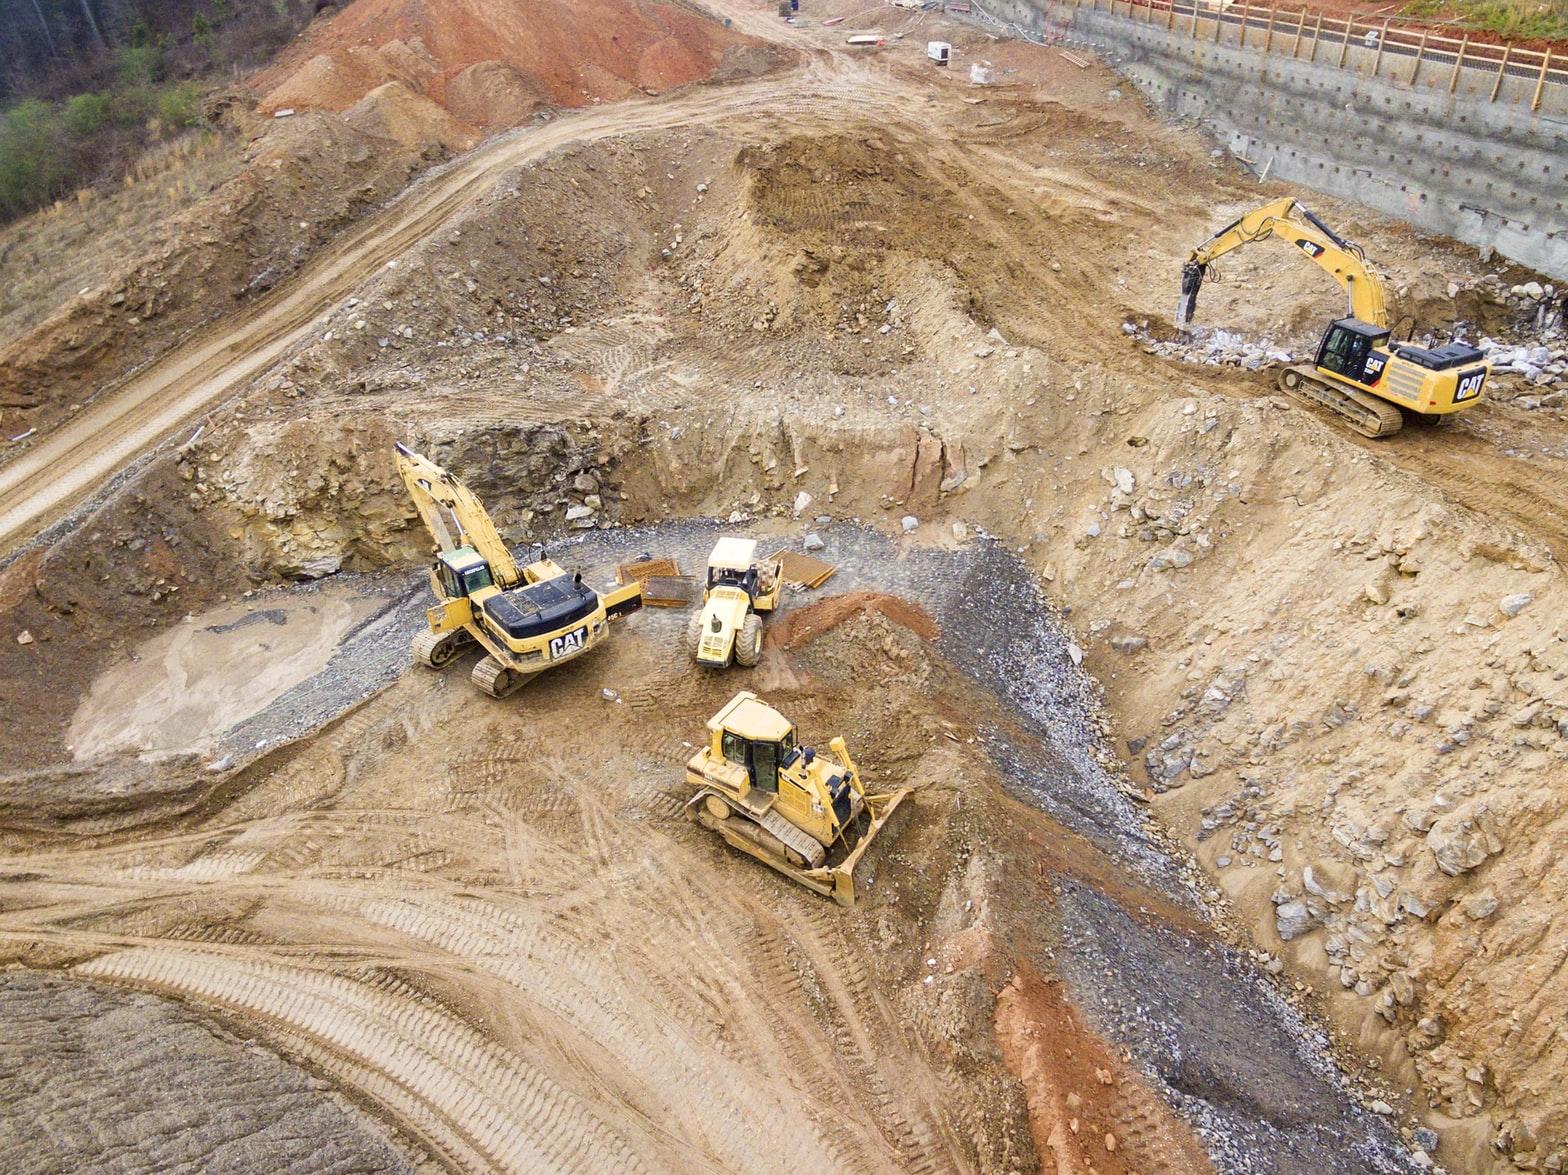 Dlaczego badanie gruntu przed budową jest takie ważne?